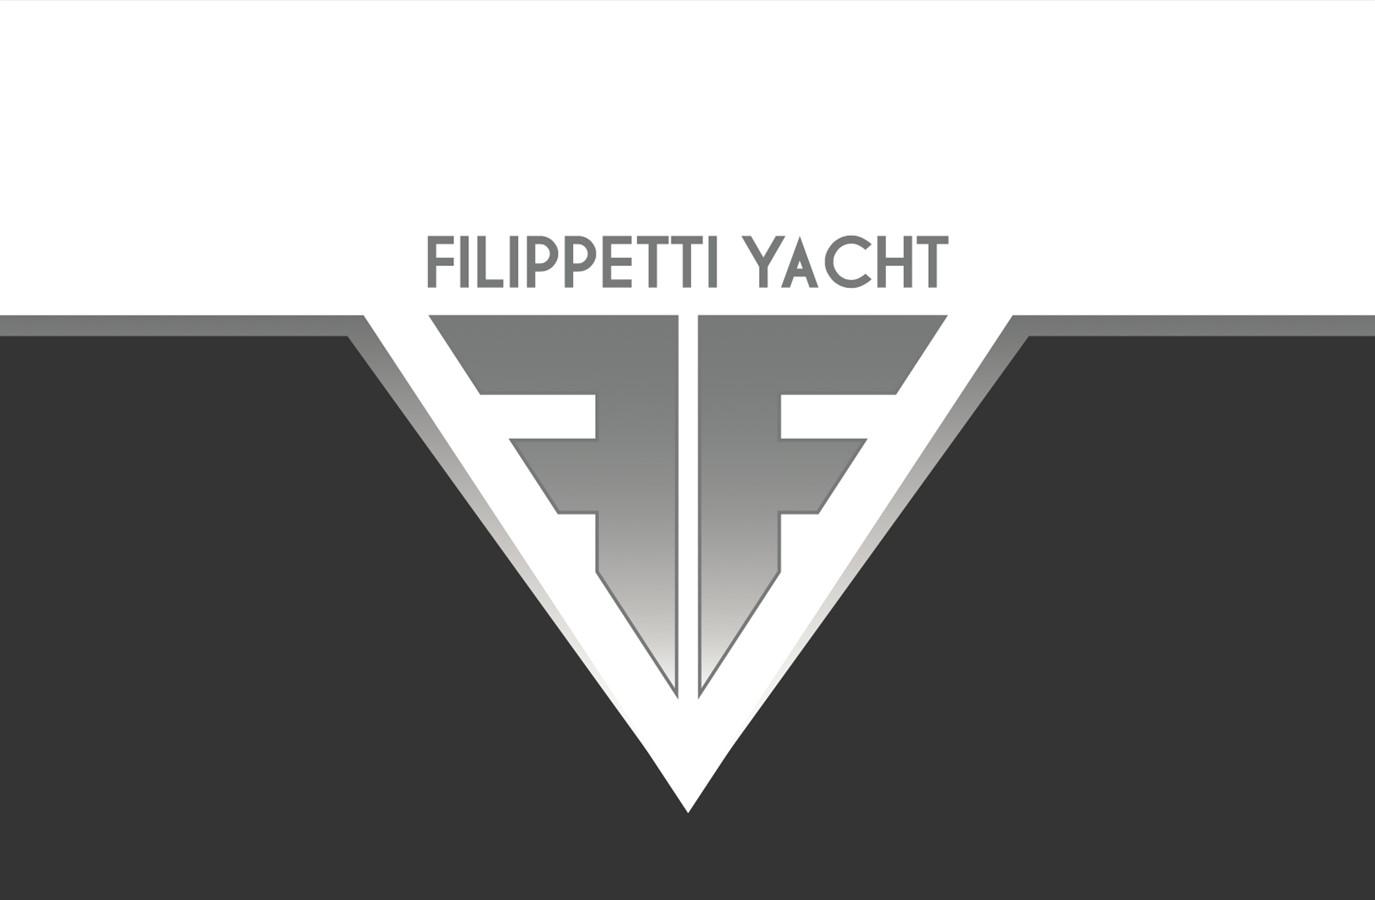 Filippetti Yacht